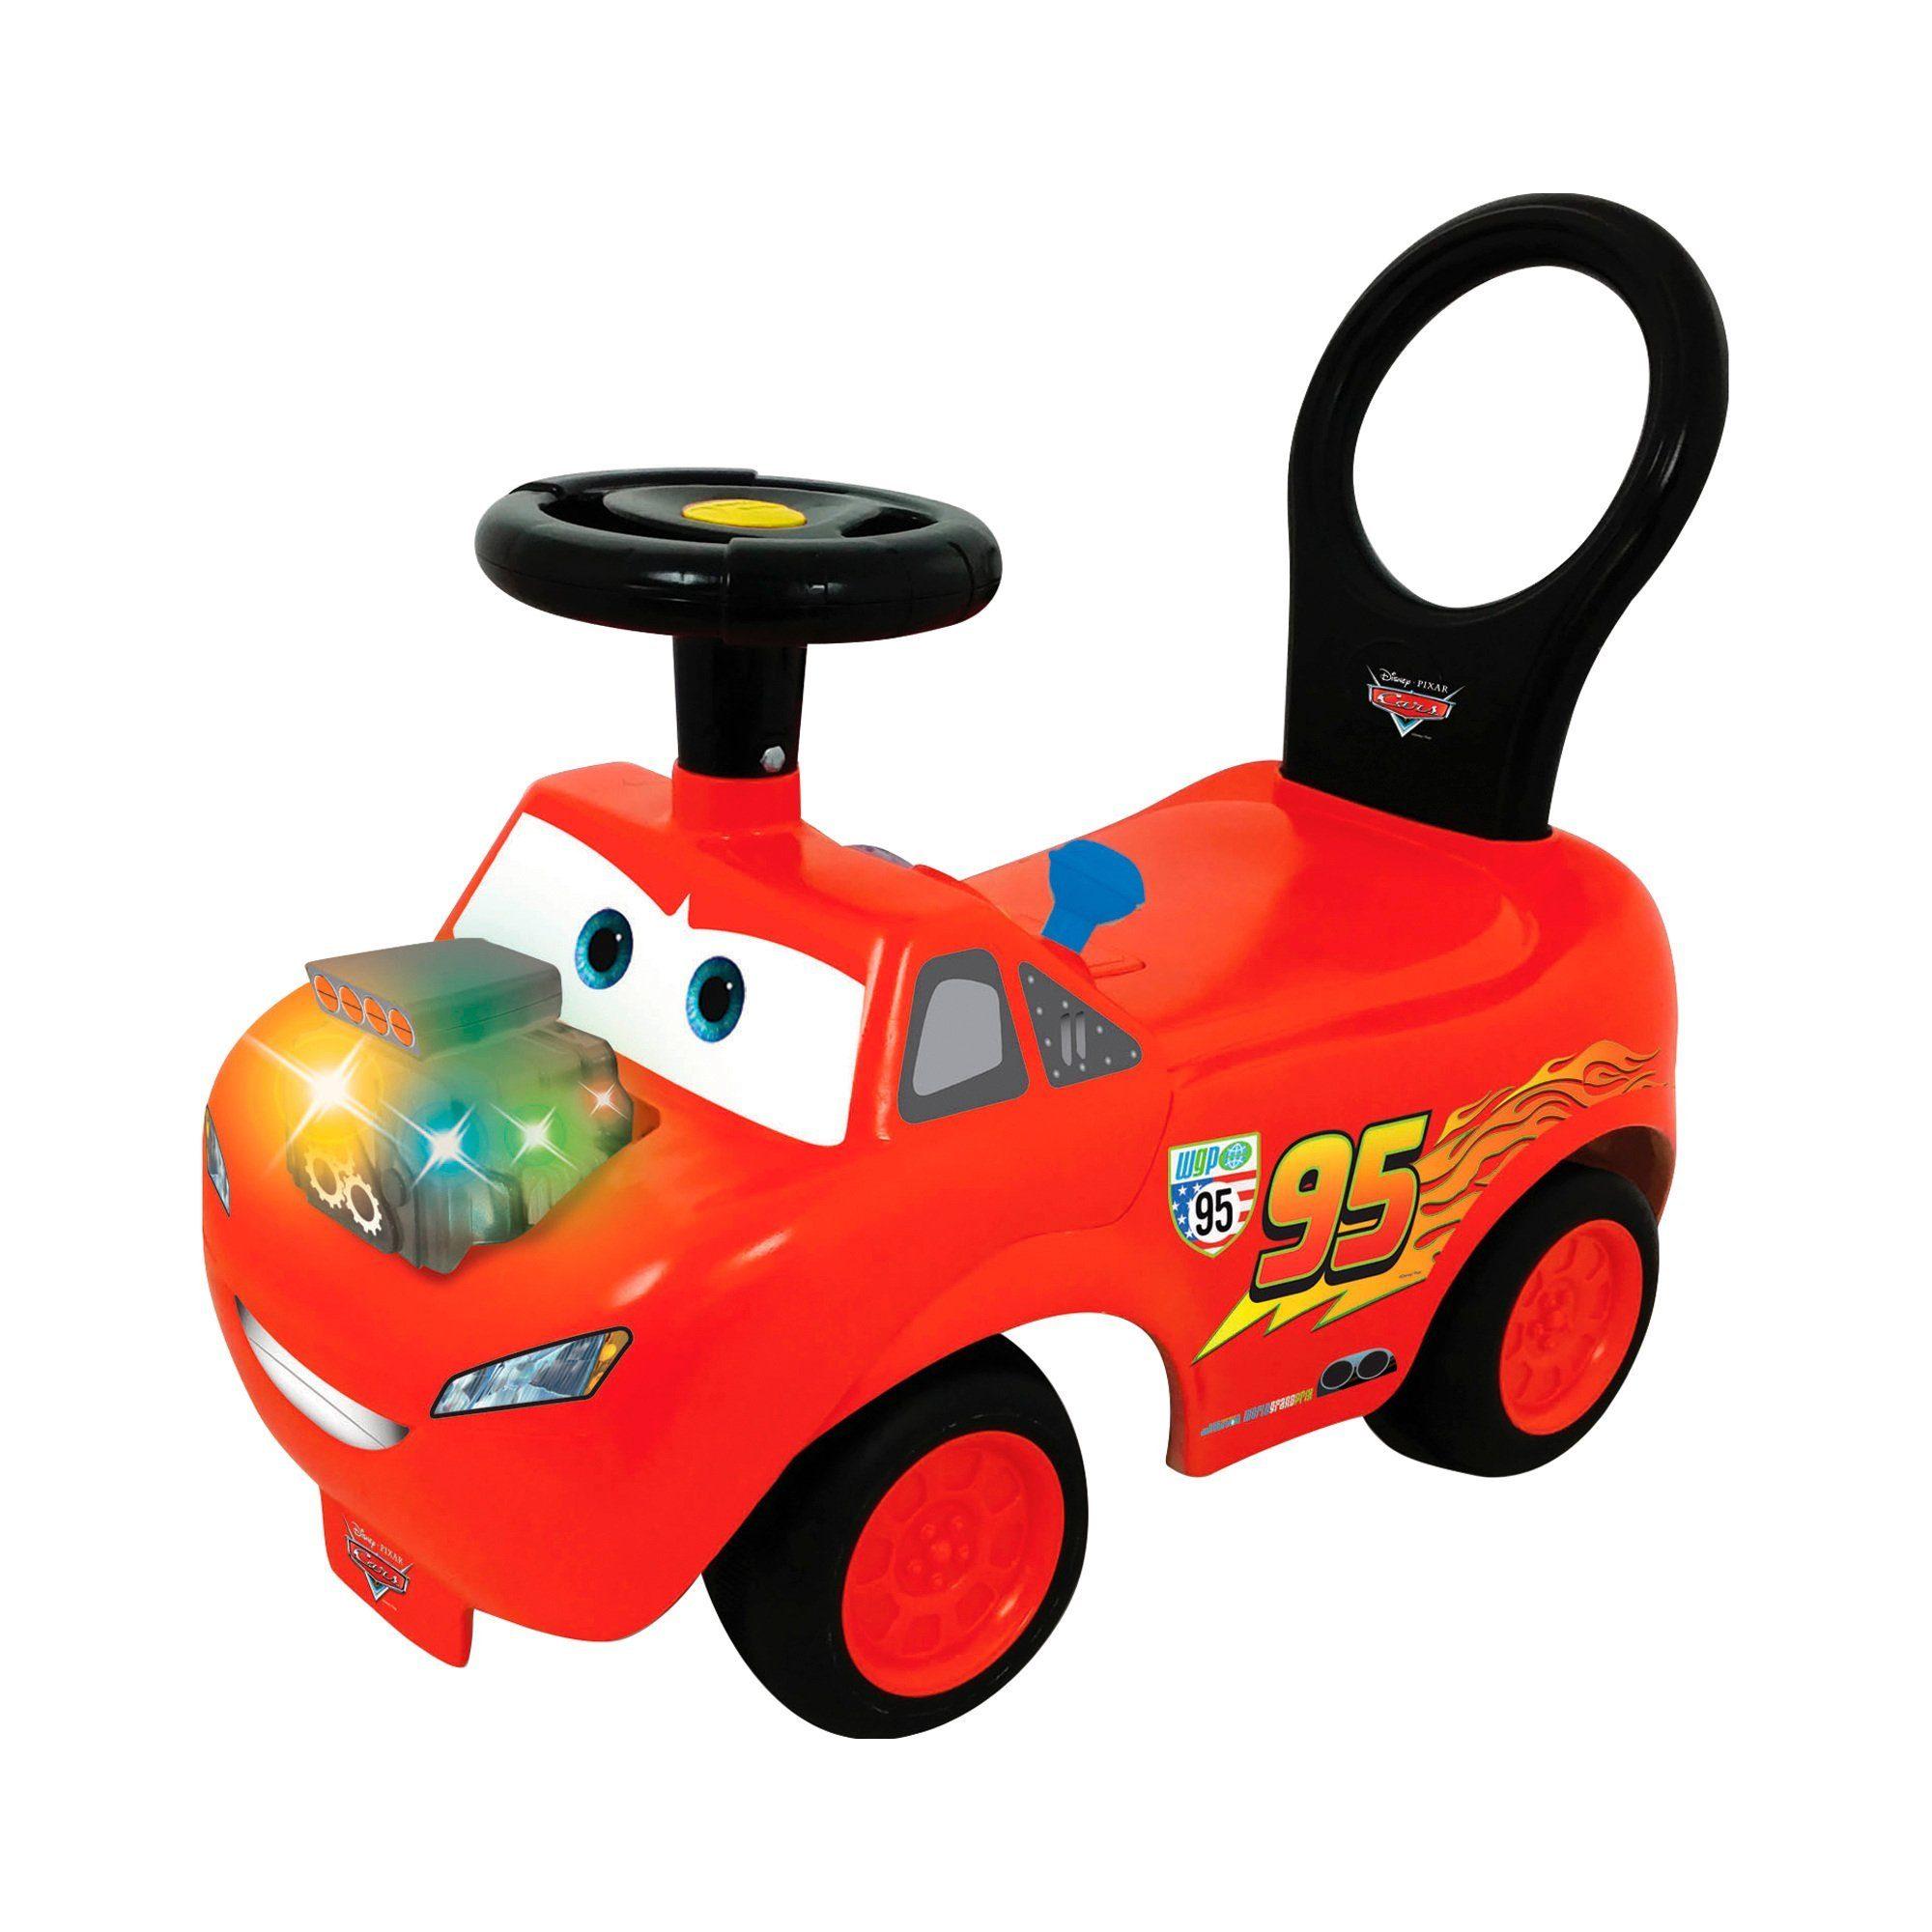 BABY-WALZ Rutscher Mein erstes Auto